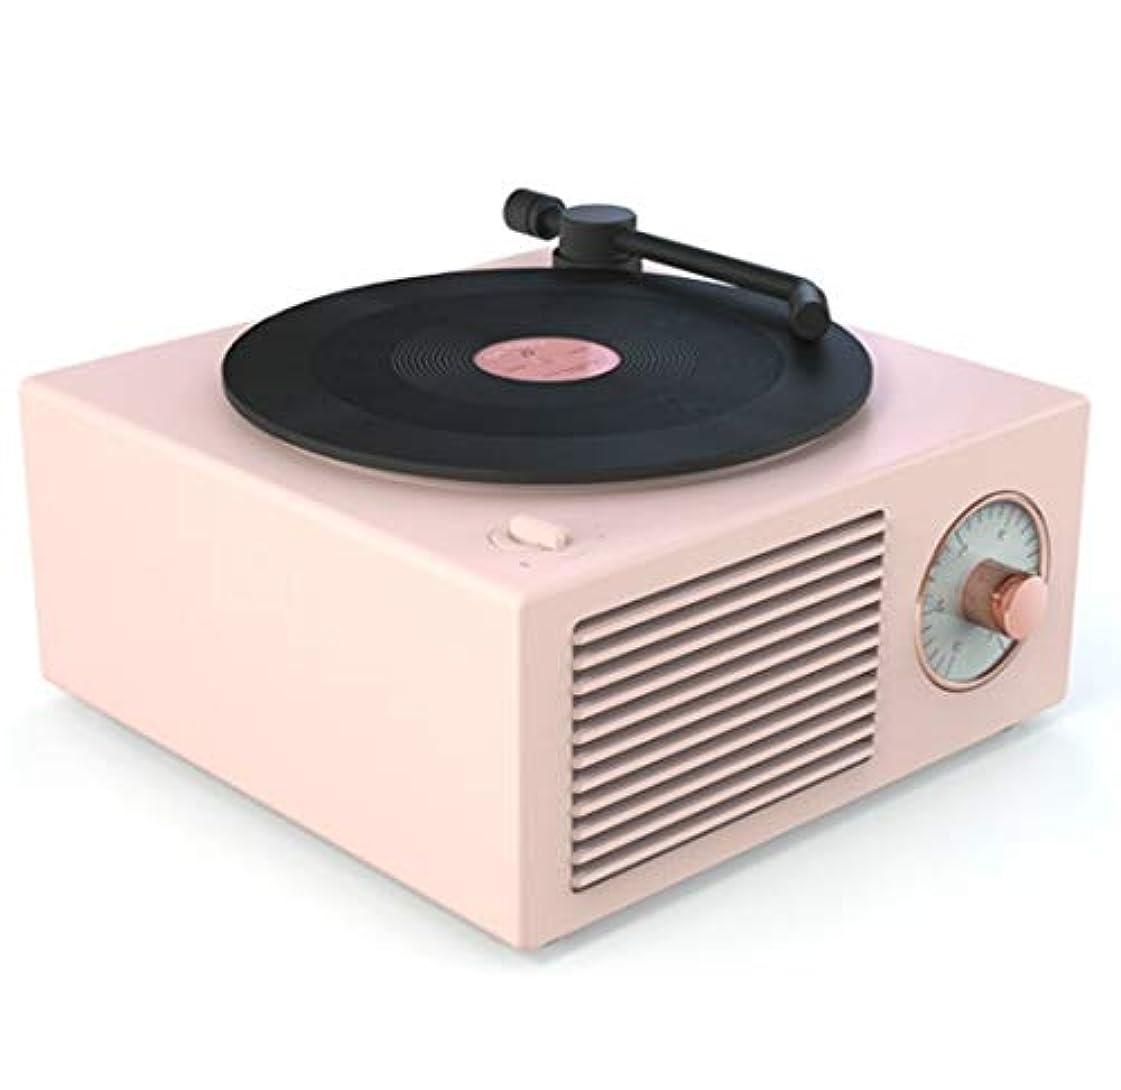 温室保証なぞらえるYiherfree B10アトミックのBluetoothスピーカーレトロビニールプレーヤーデスクトップラジオ独創多機能ミニステレオスピーカー(北欧ピンク)新しいです (色 : Nordic Pink)